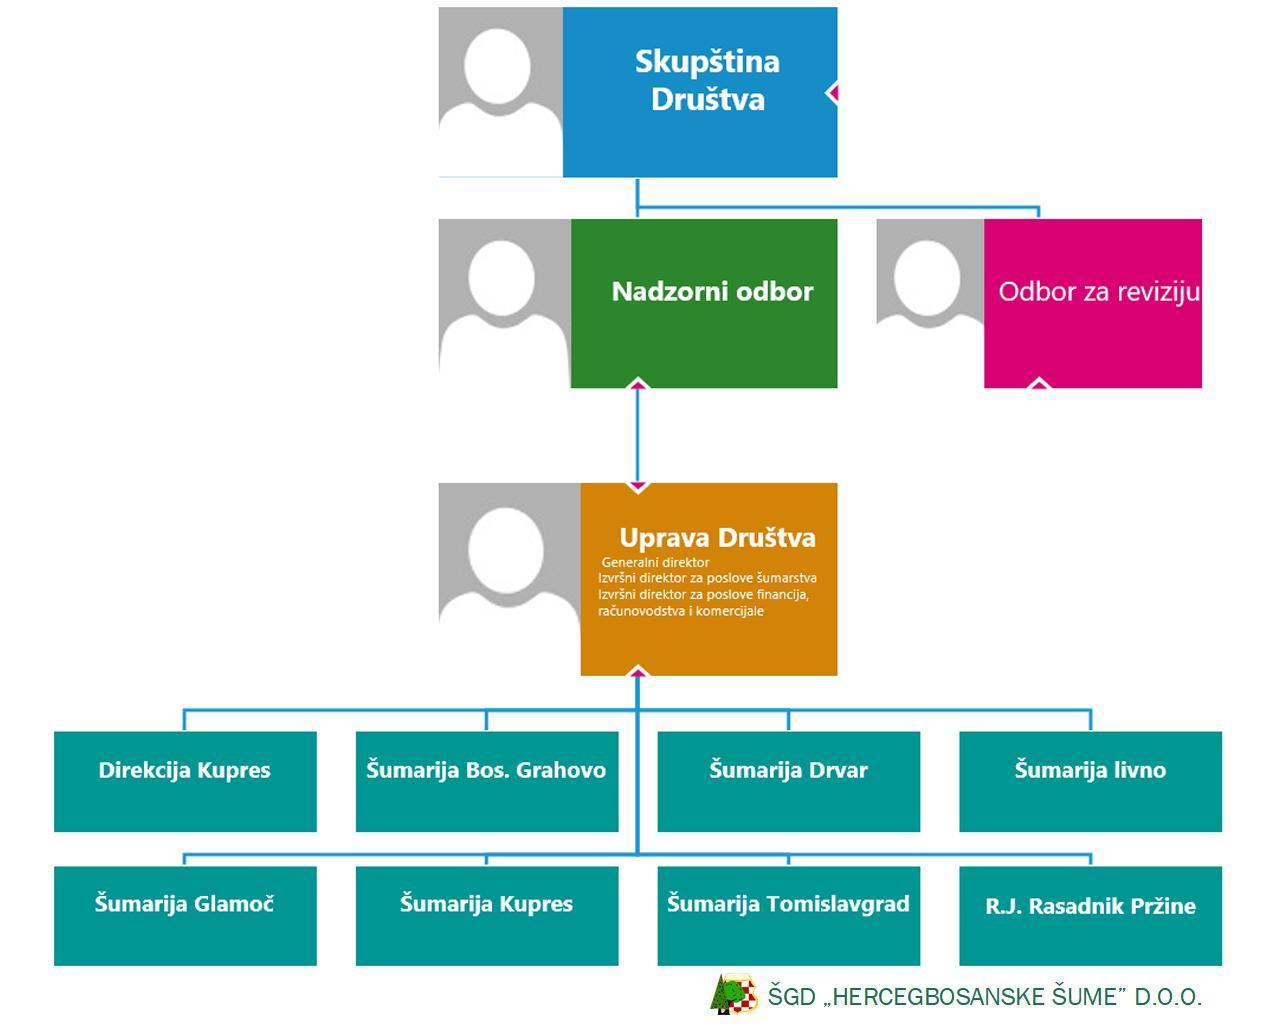 org-struktura-hercegbosanske-sume-2021.jpg